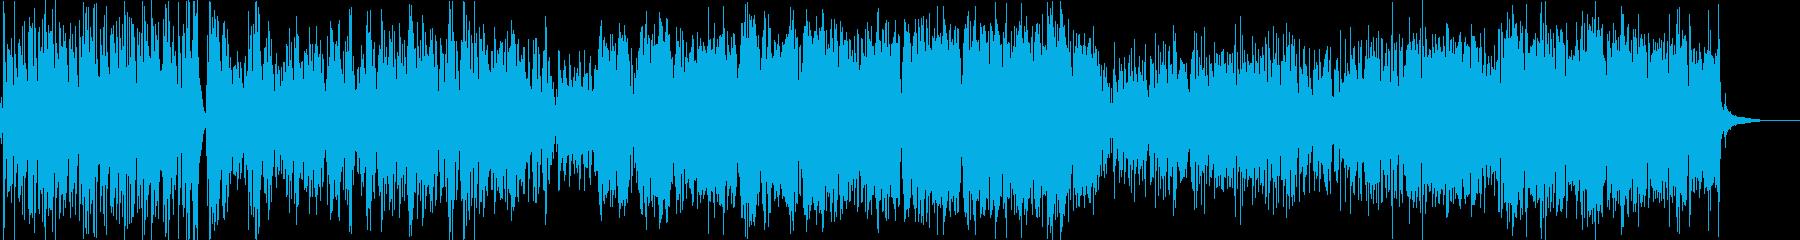 フォーキーなカントリー風BGMの再生済みの波形